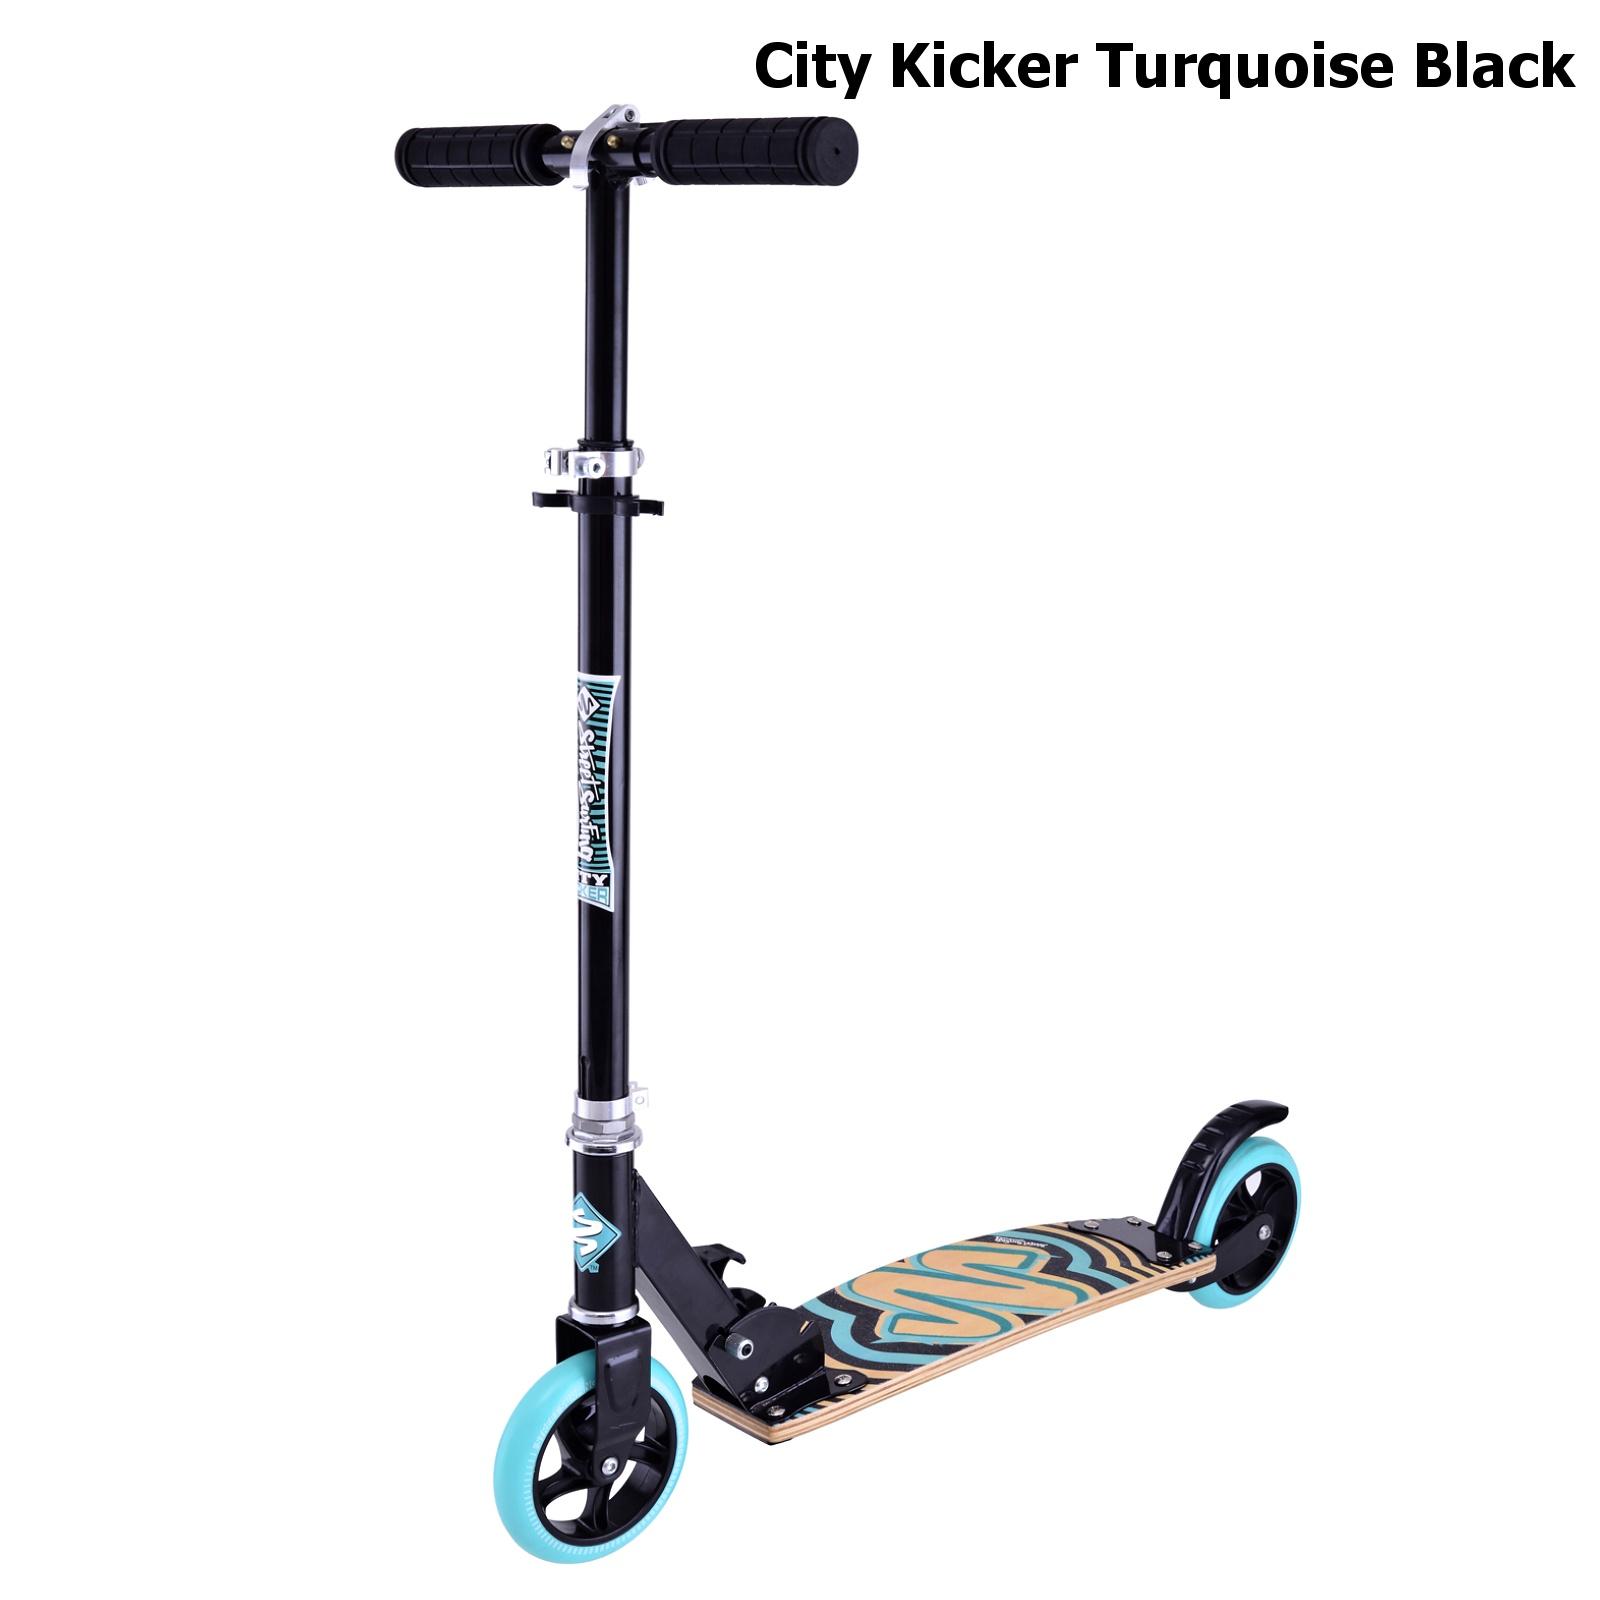 Koloběžka STREET SURFING City Kicker - tyrkysově-černá